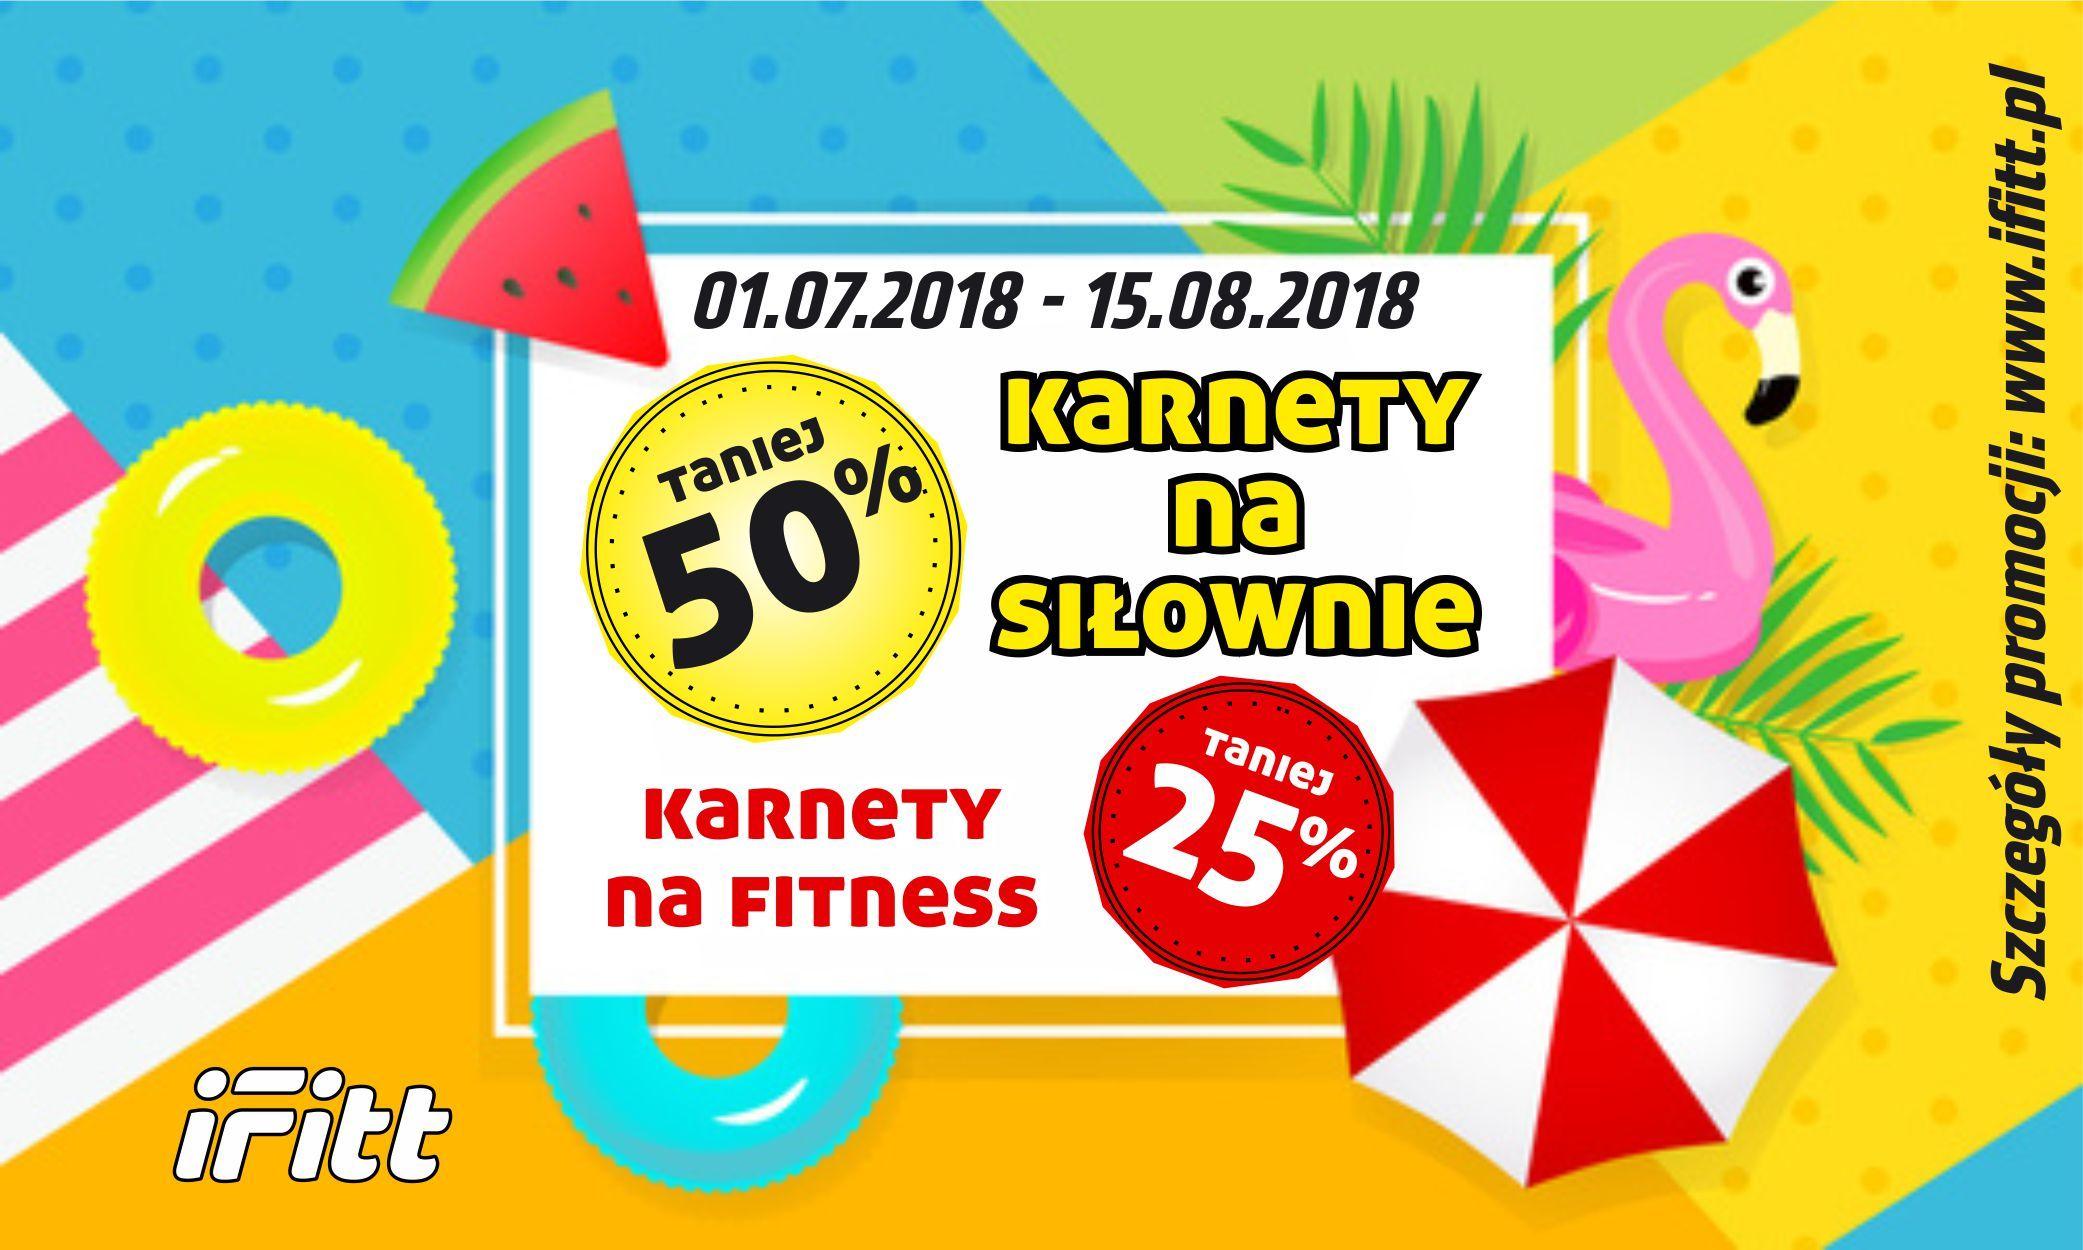 JUŻ WYSTARTOWAŁO - SUMMER SALE IFITT -50% NA KARNETY!!